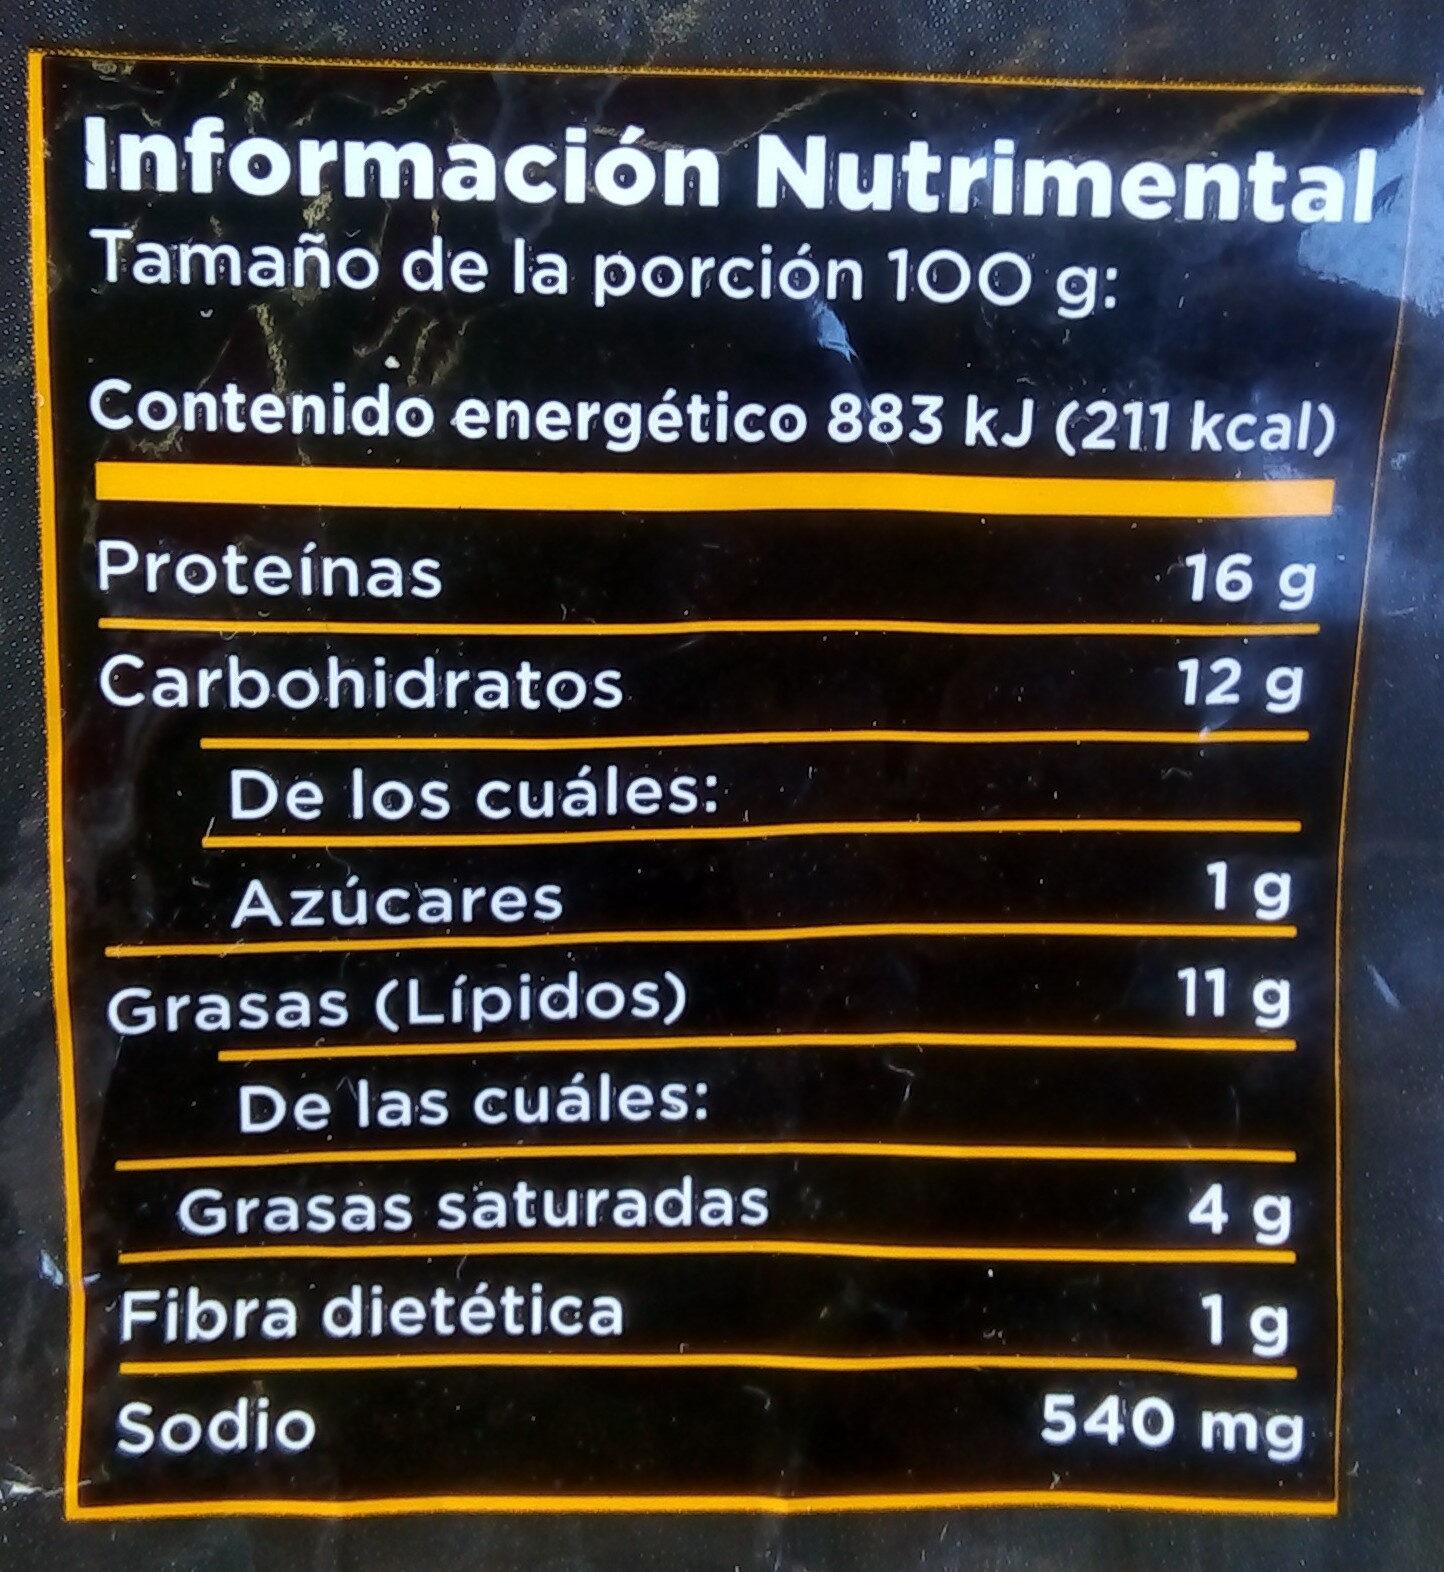 Trozos de pechuga empanizados y cocinados - Información nutricional - es